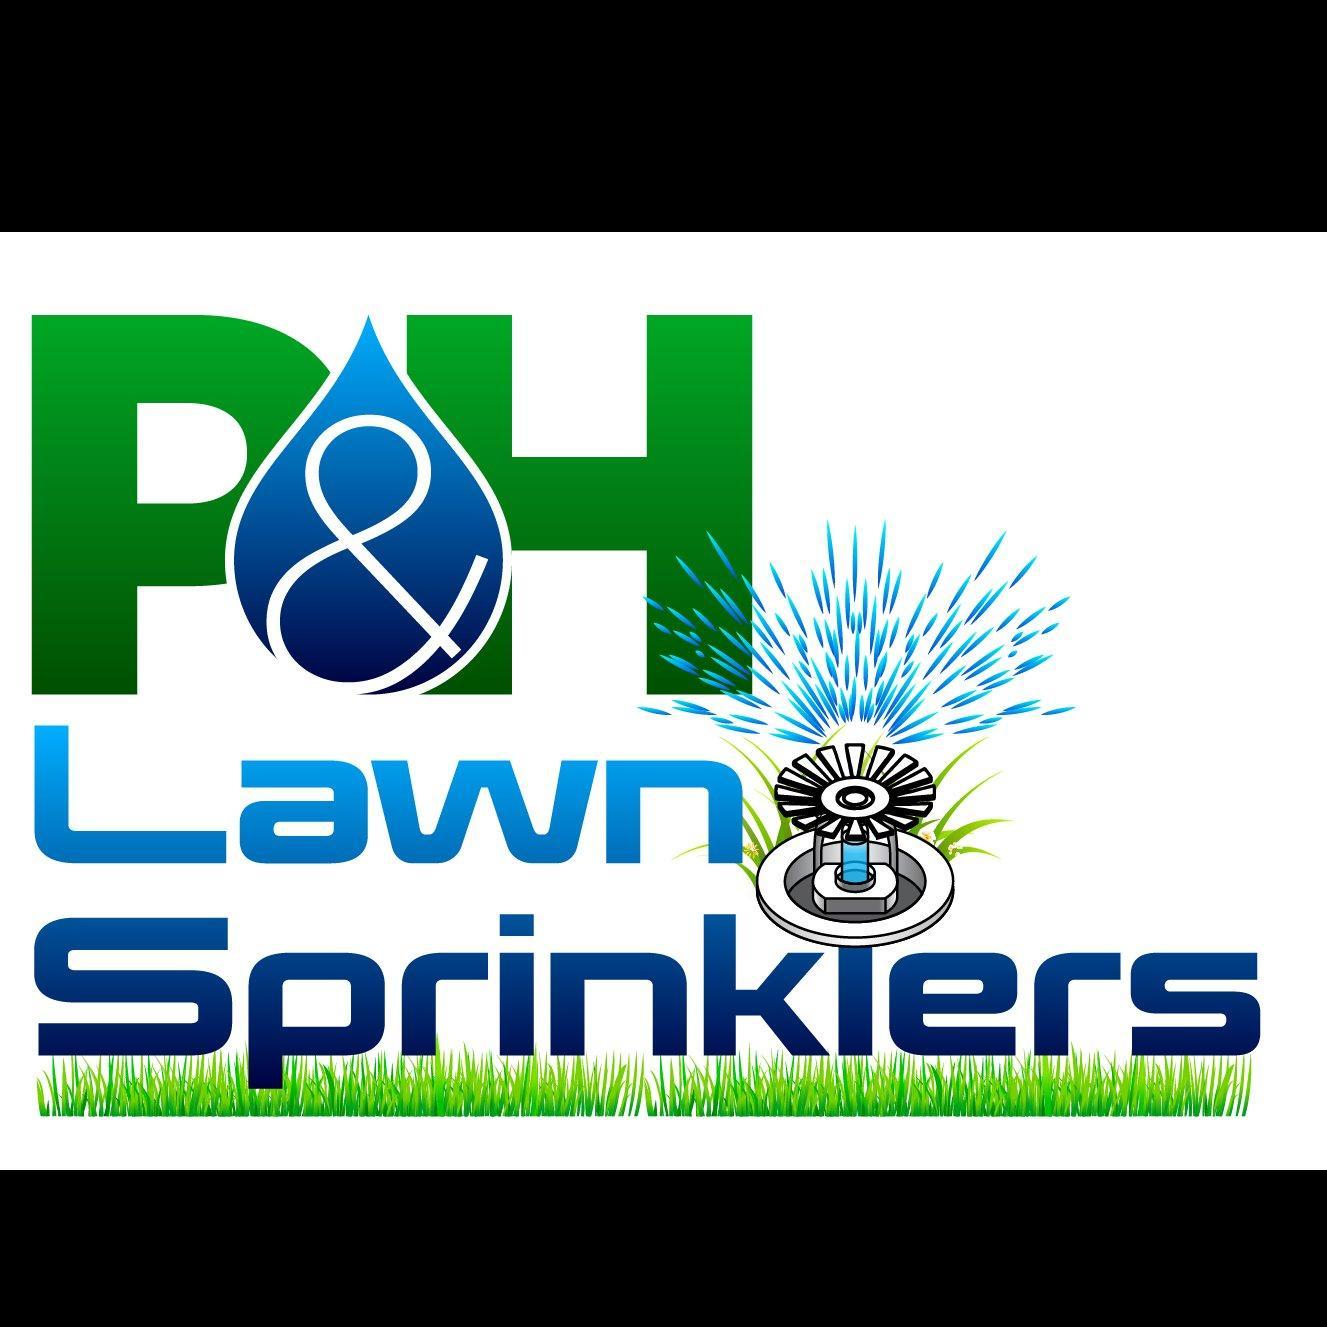 P&H Lawn Sprinklers